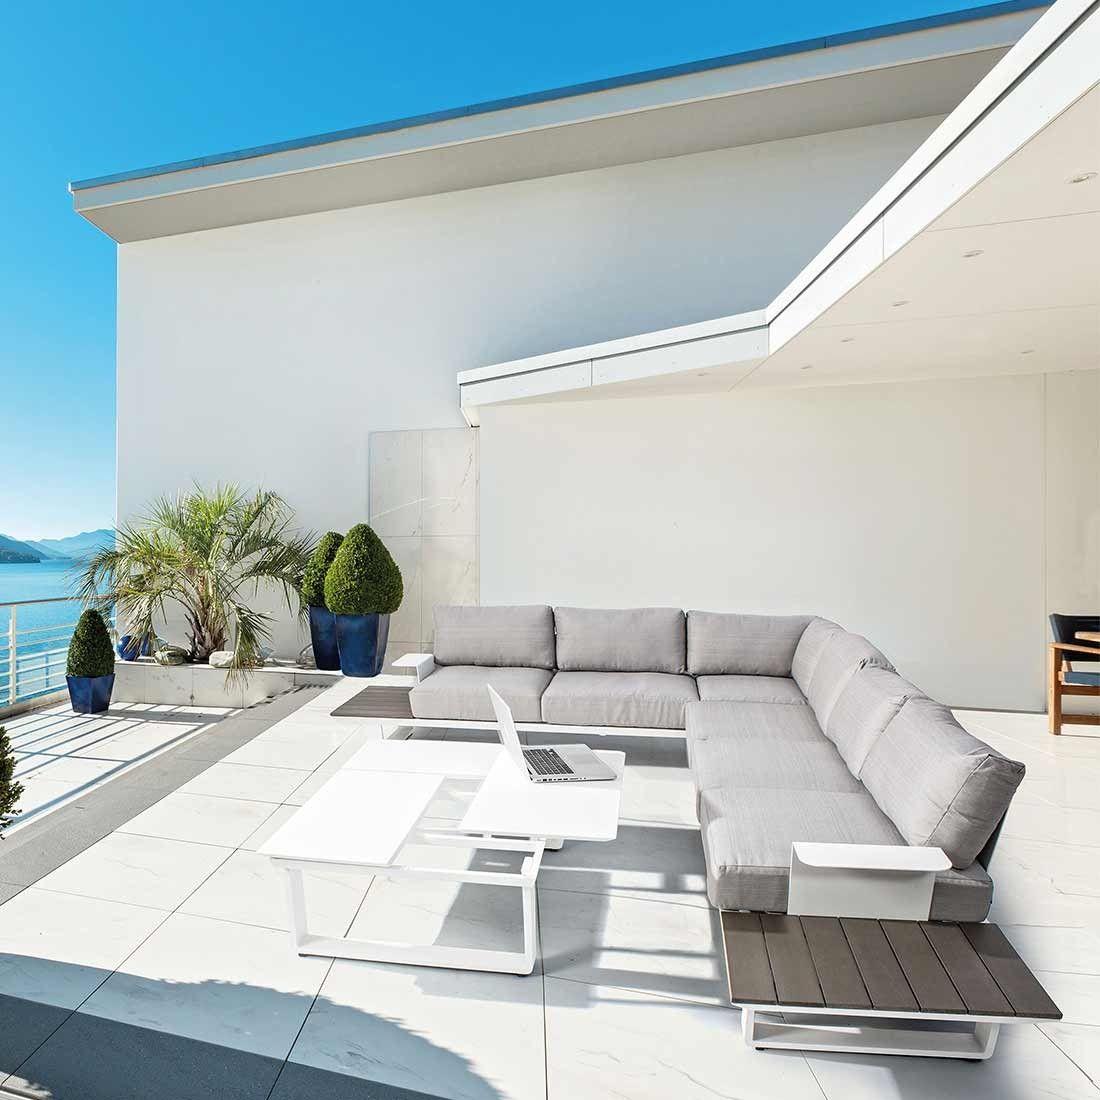 Bizzotto Konnor Loungeset 3tlg Aluminium Olefin Polywood Garten Freizeit Lounge Mobel Lounge Balkon Dekor